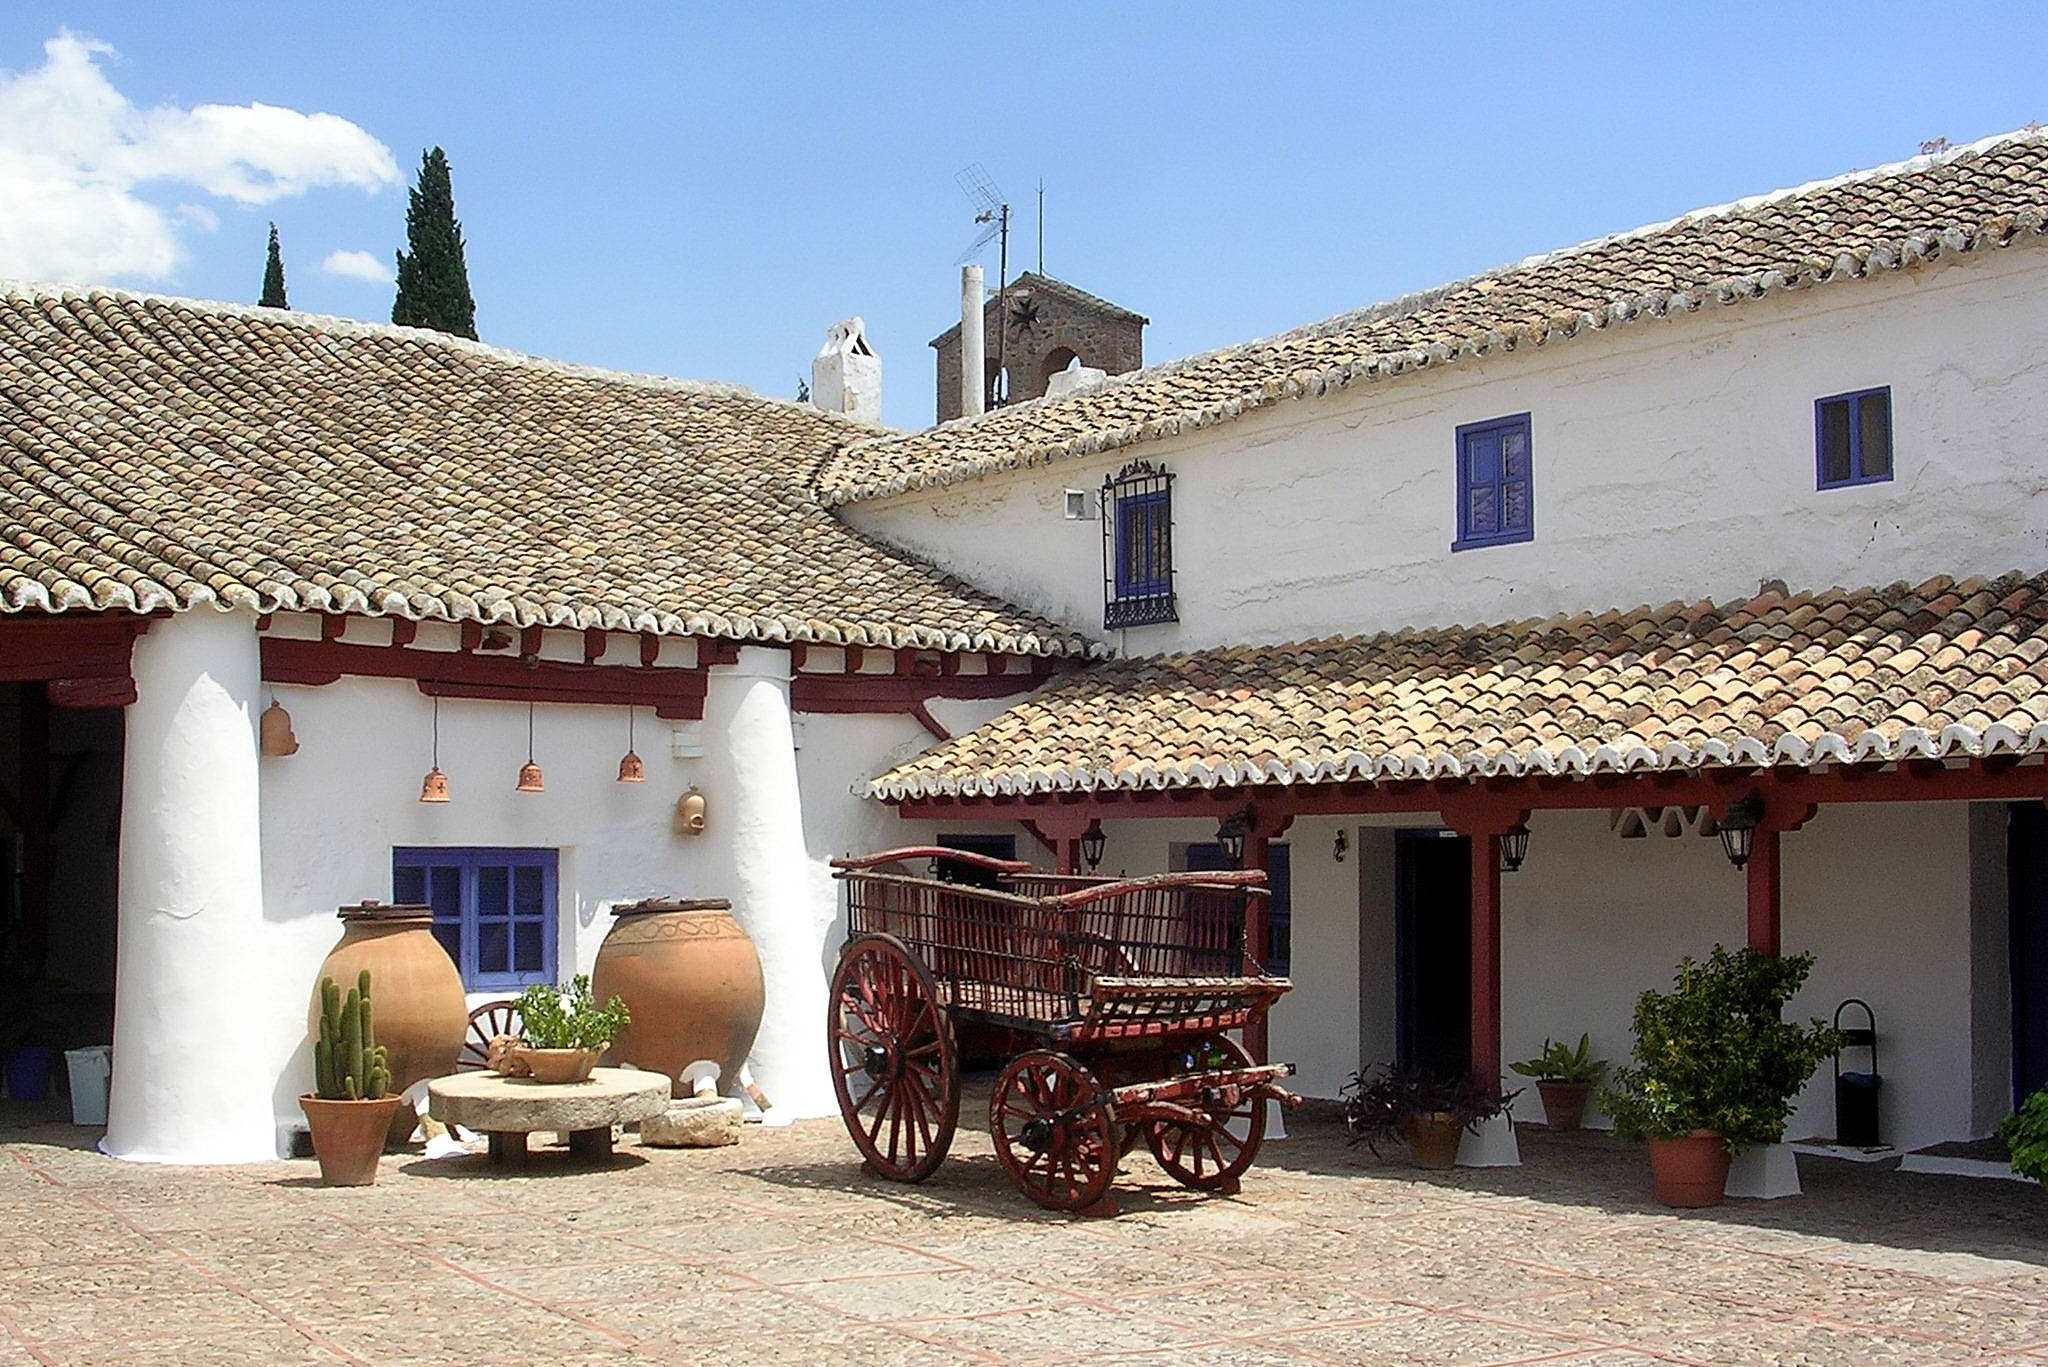 Venta de Don Quijote. Autor, Jibi44